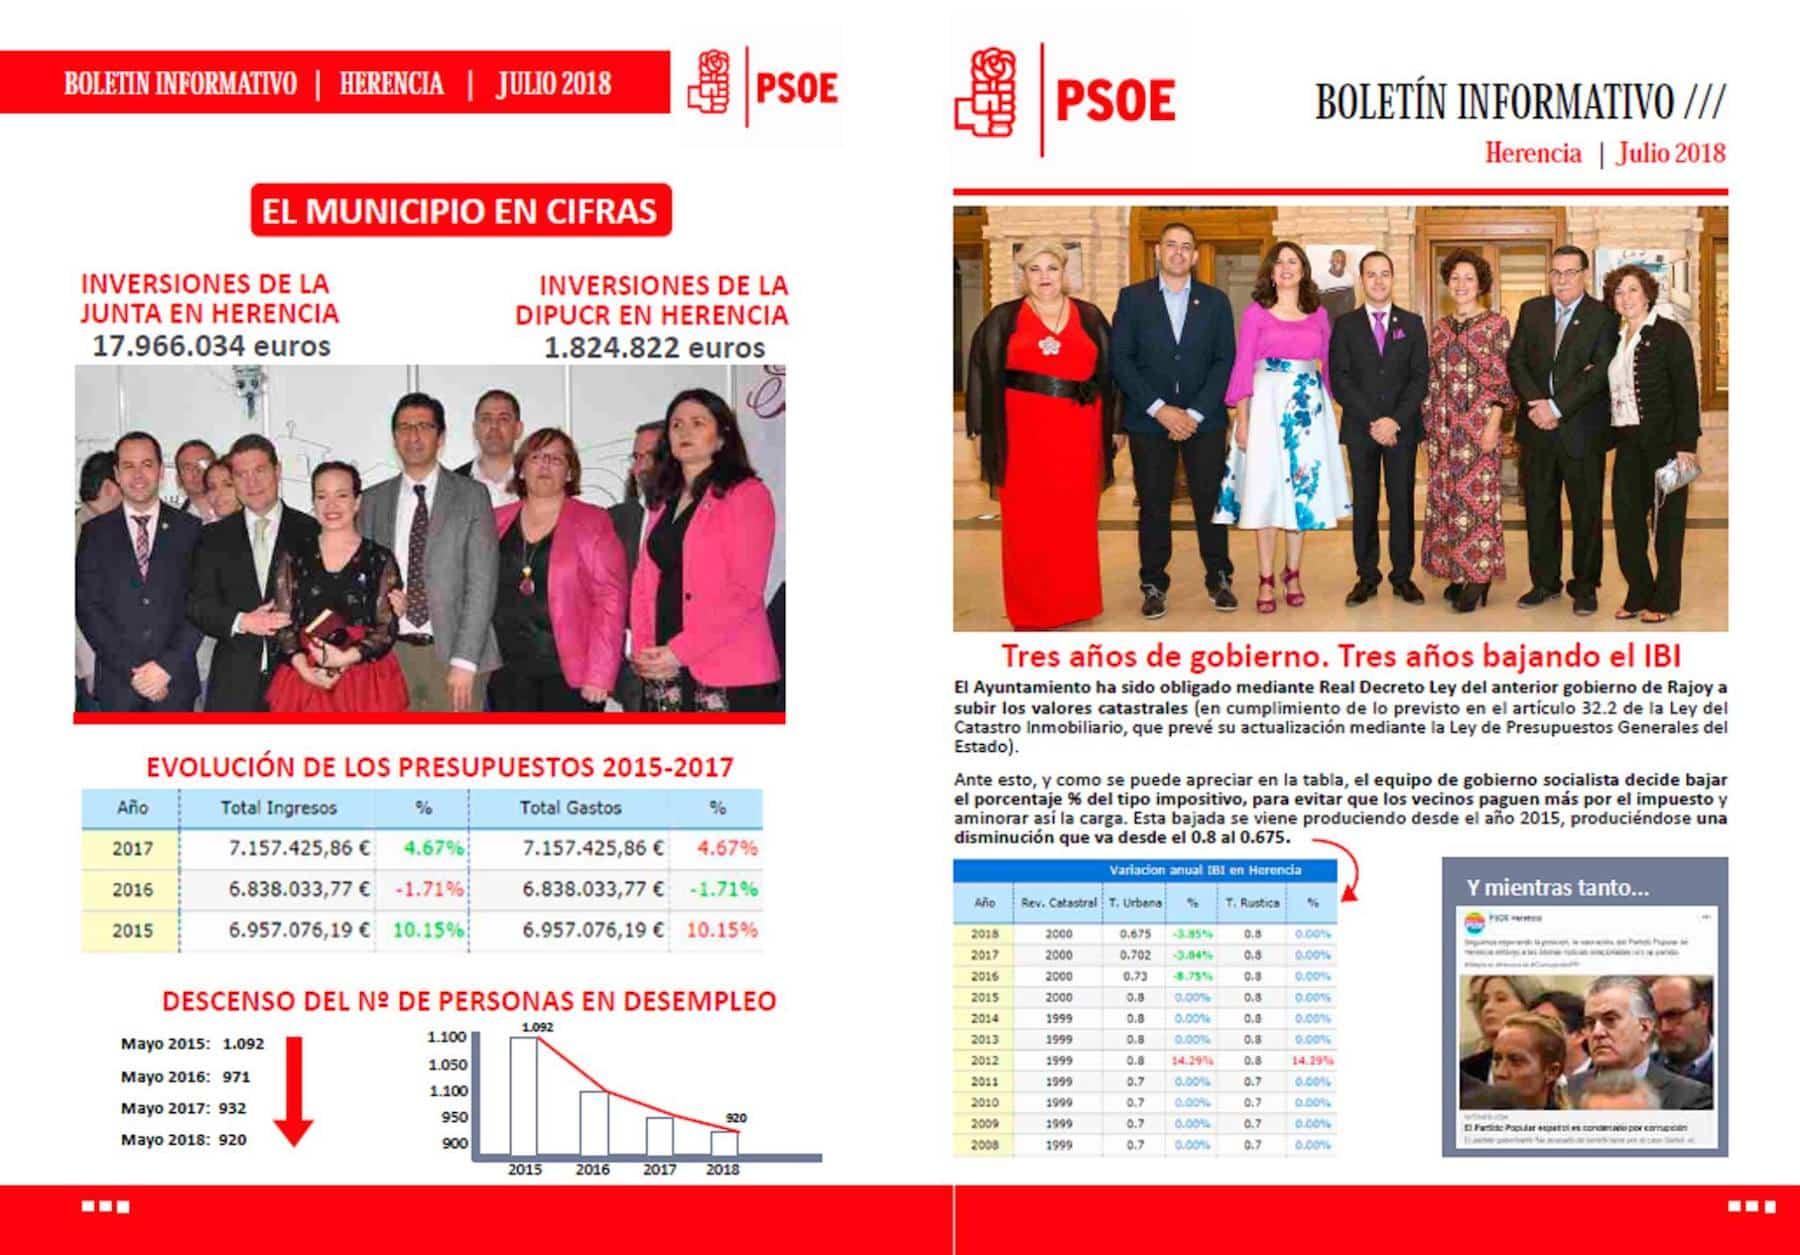 boletin psoe herencia julio 2018 - El PSOE de Herencia edita un boletín informativo sobre inversiones en Herencia